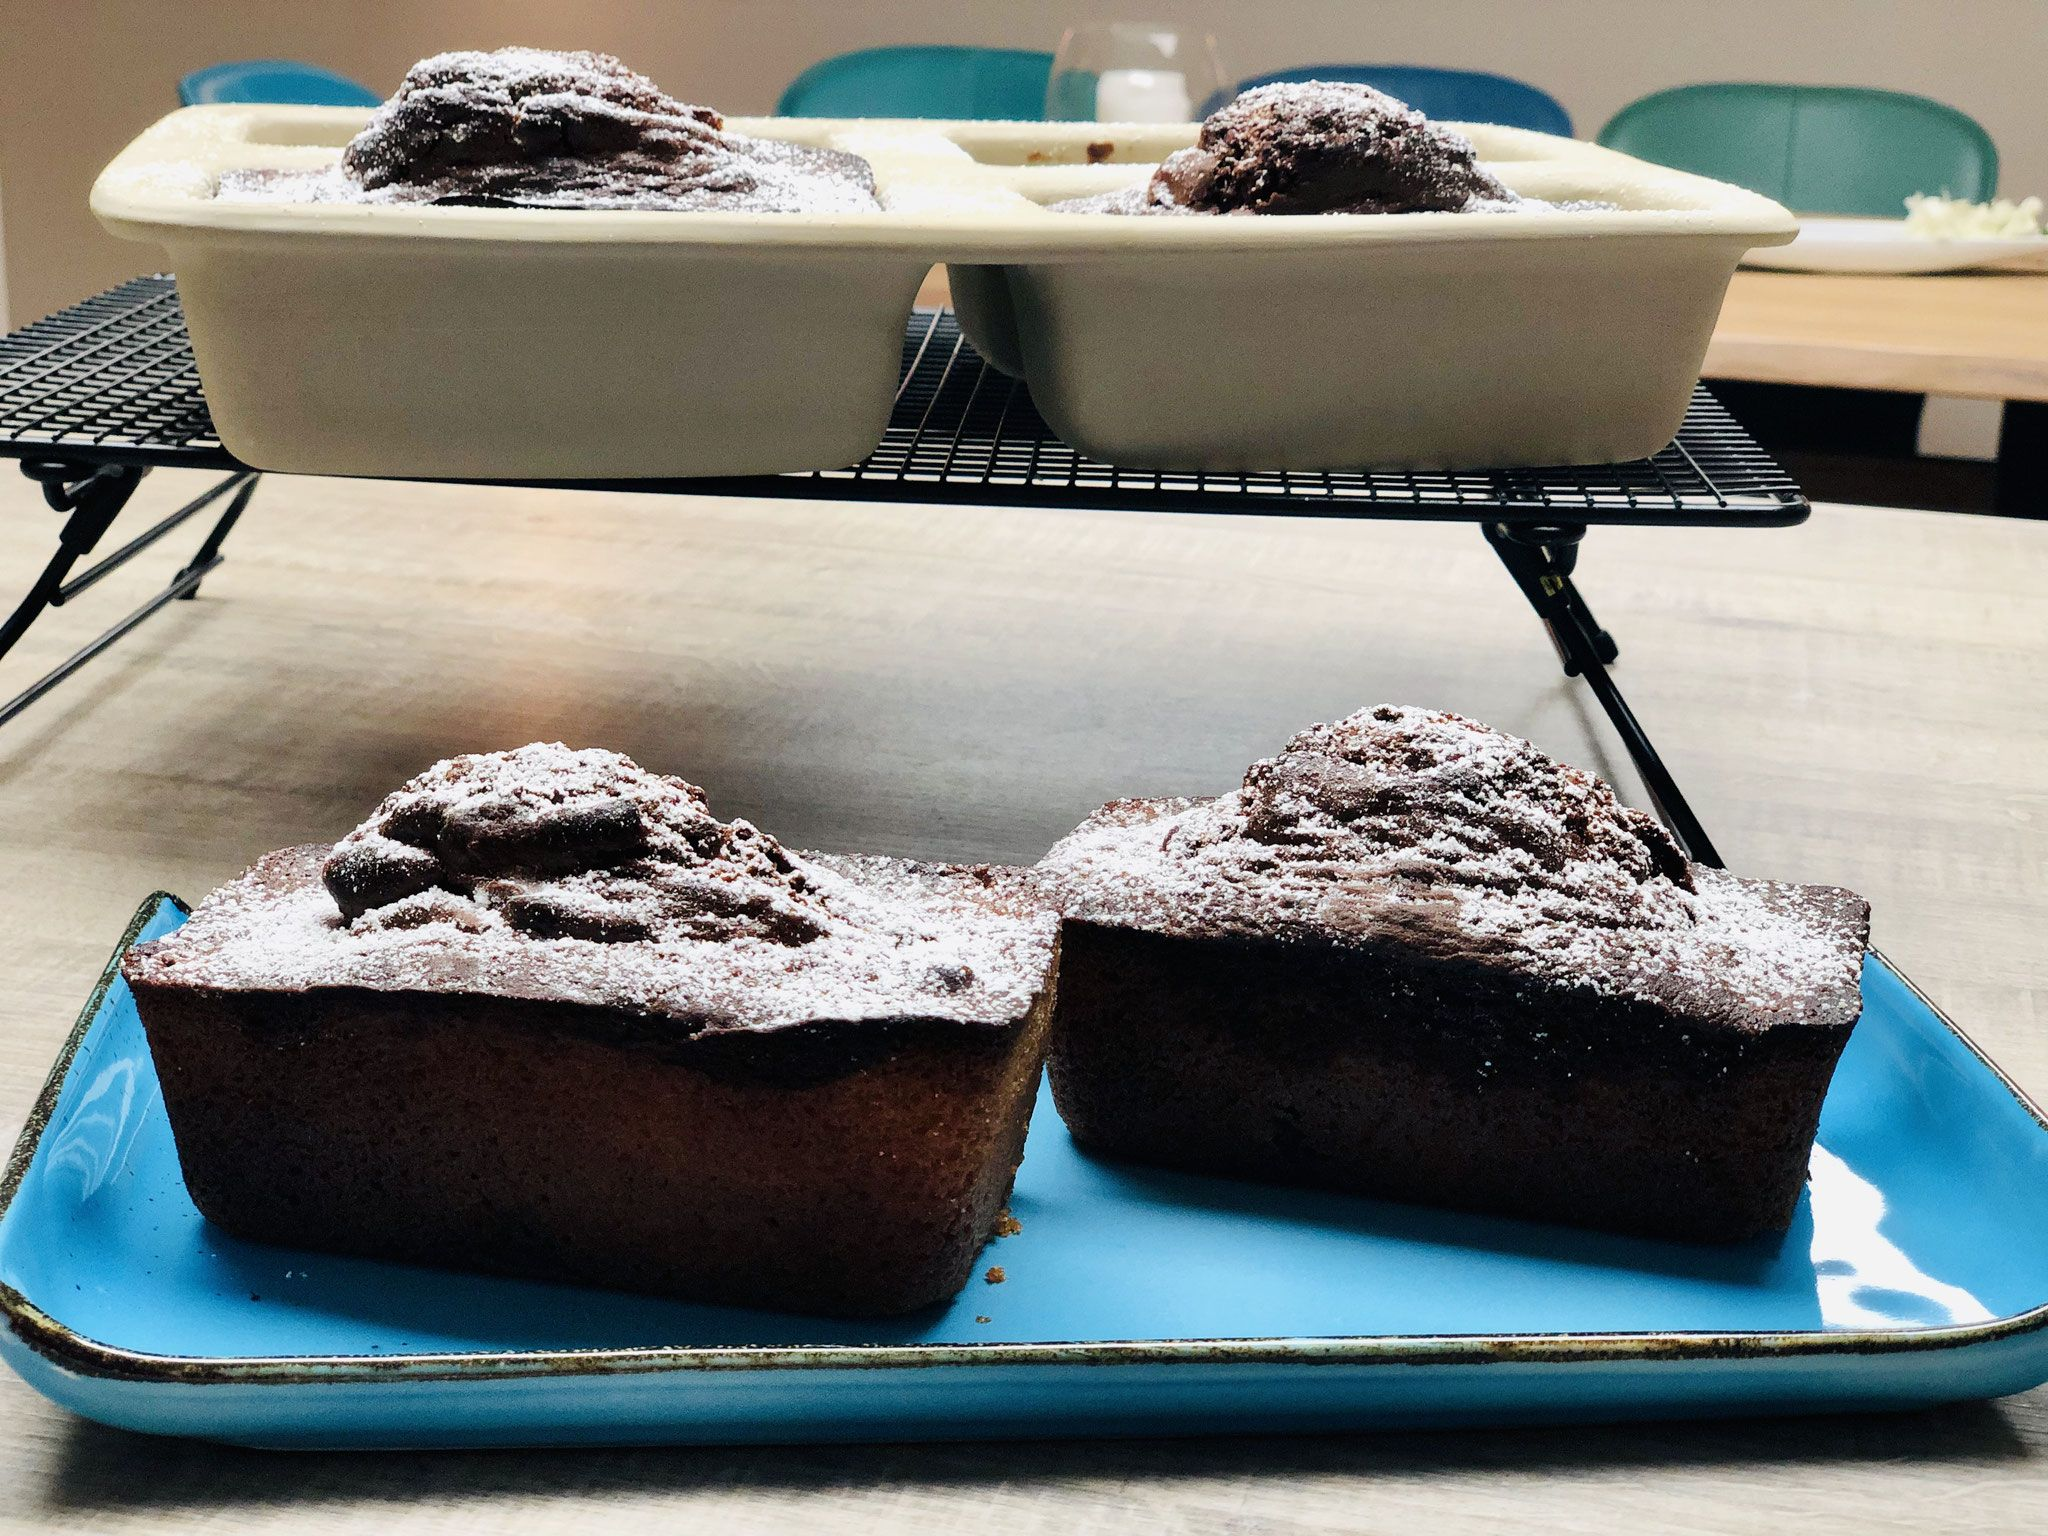 Saftigster Marmorkuchen Der Welt Aus Der Mini Kastenform Ehem 4er Zauberkastch Von Pampered Chef Marmorkuchen Lebensmittel Essen Kuchen